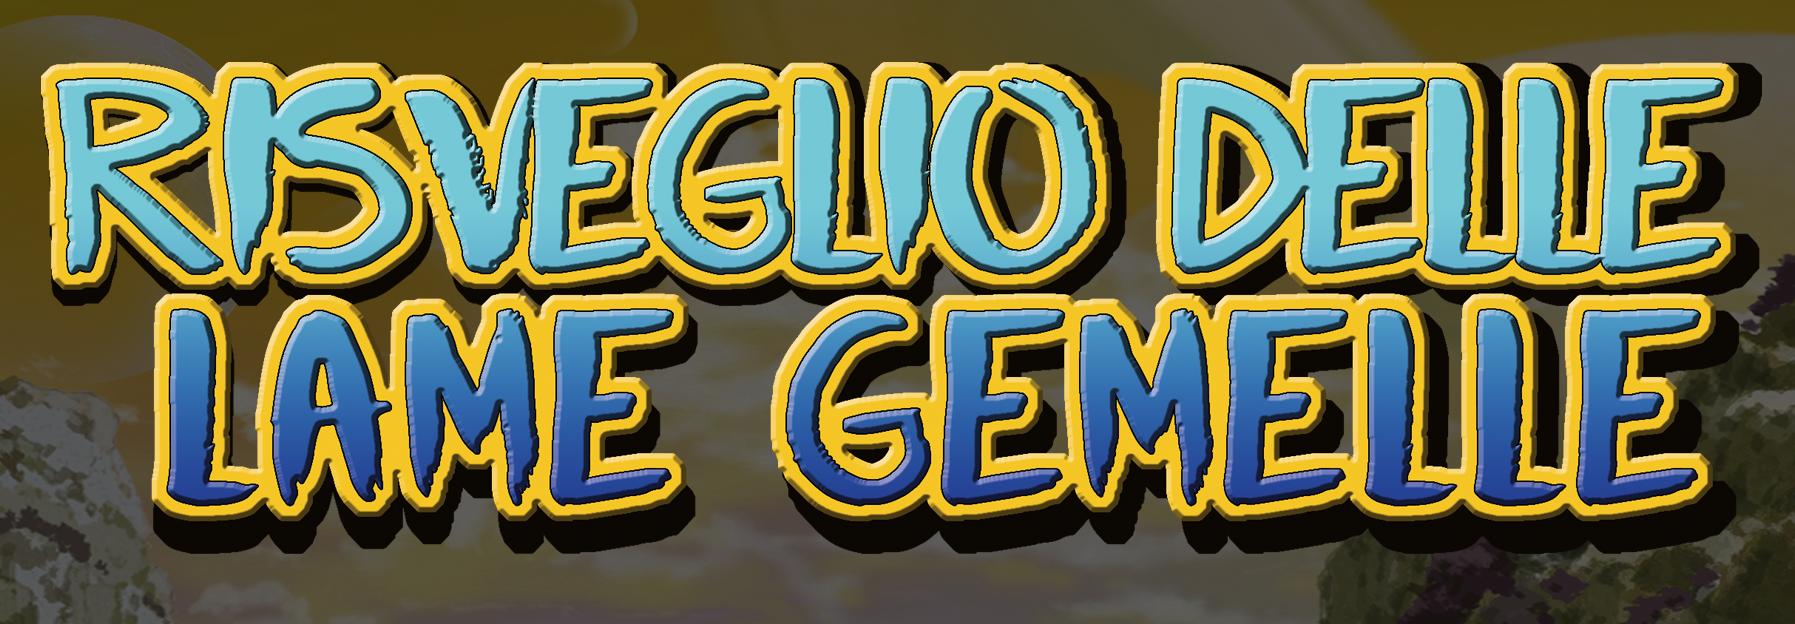 BUSTA BT05: RISVEGLIO DELLE LAME GEMELLE